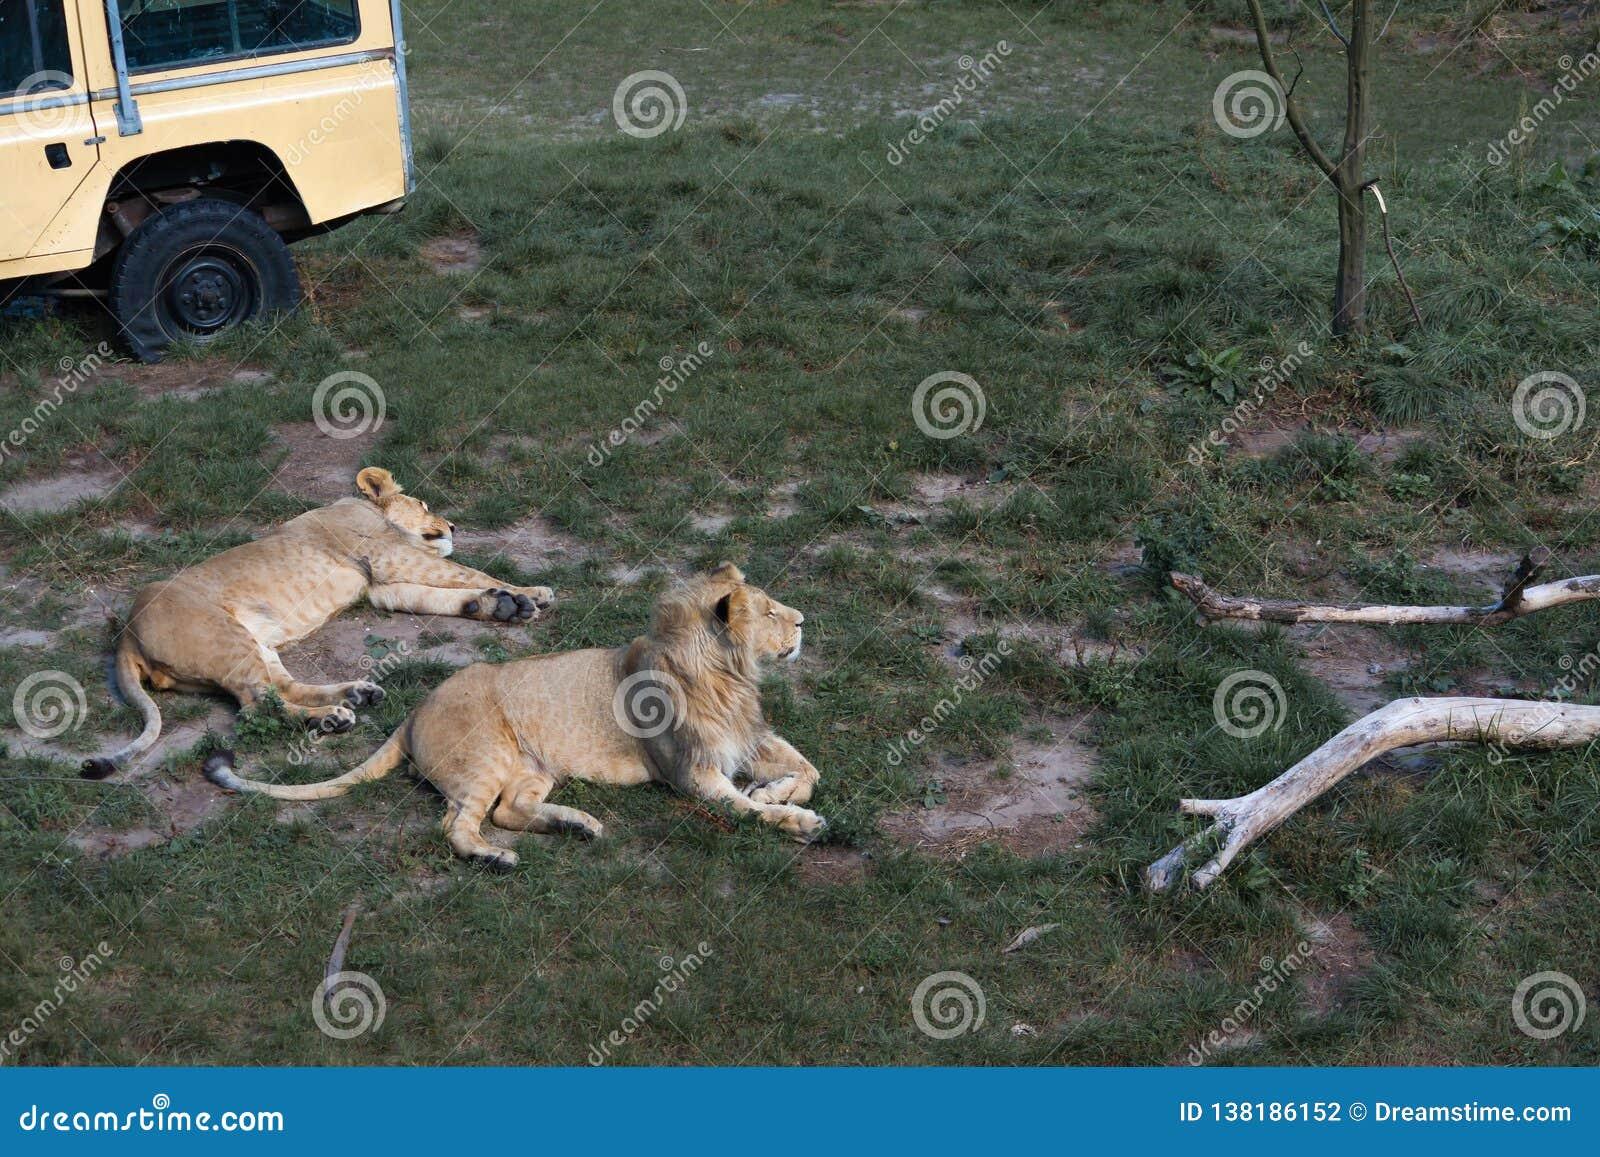 Löwen, die im Gras liegen